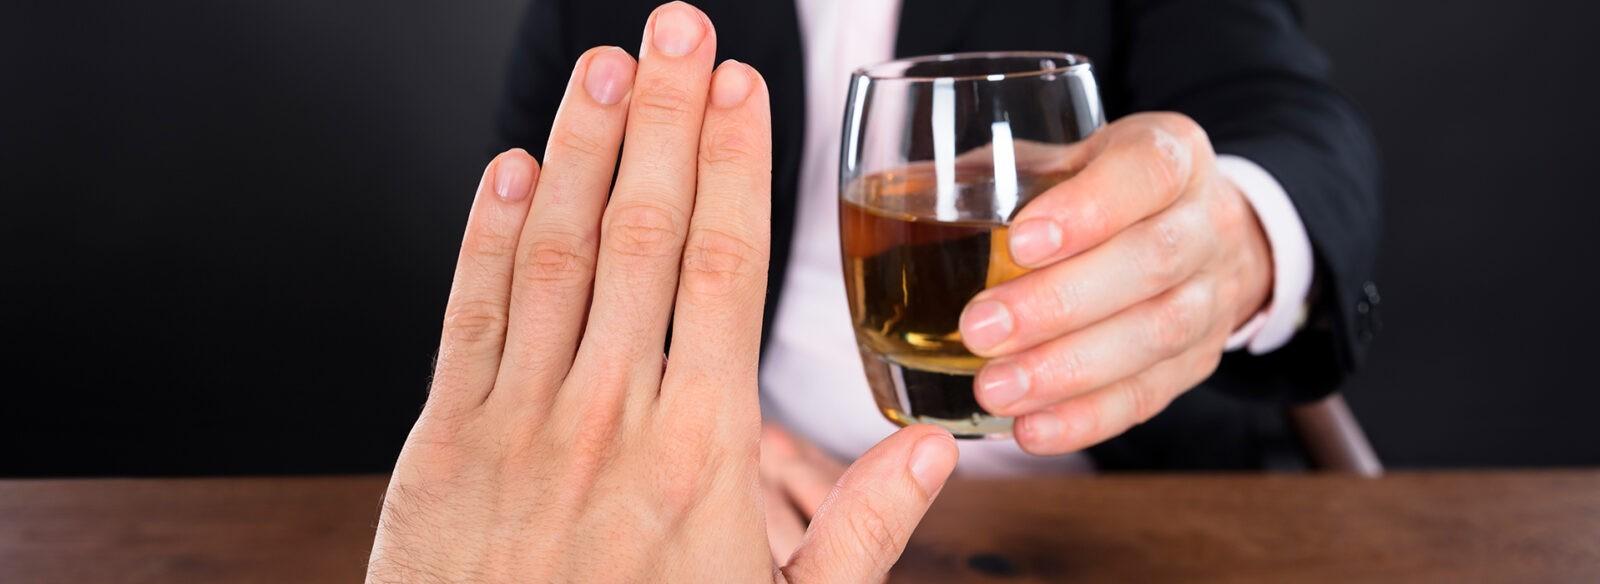 Лечение алкоголизма гипнозом в Крыму